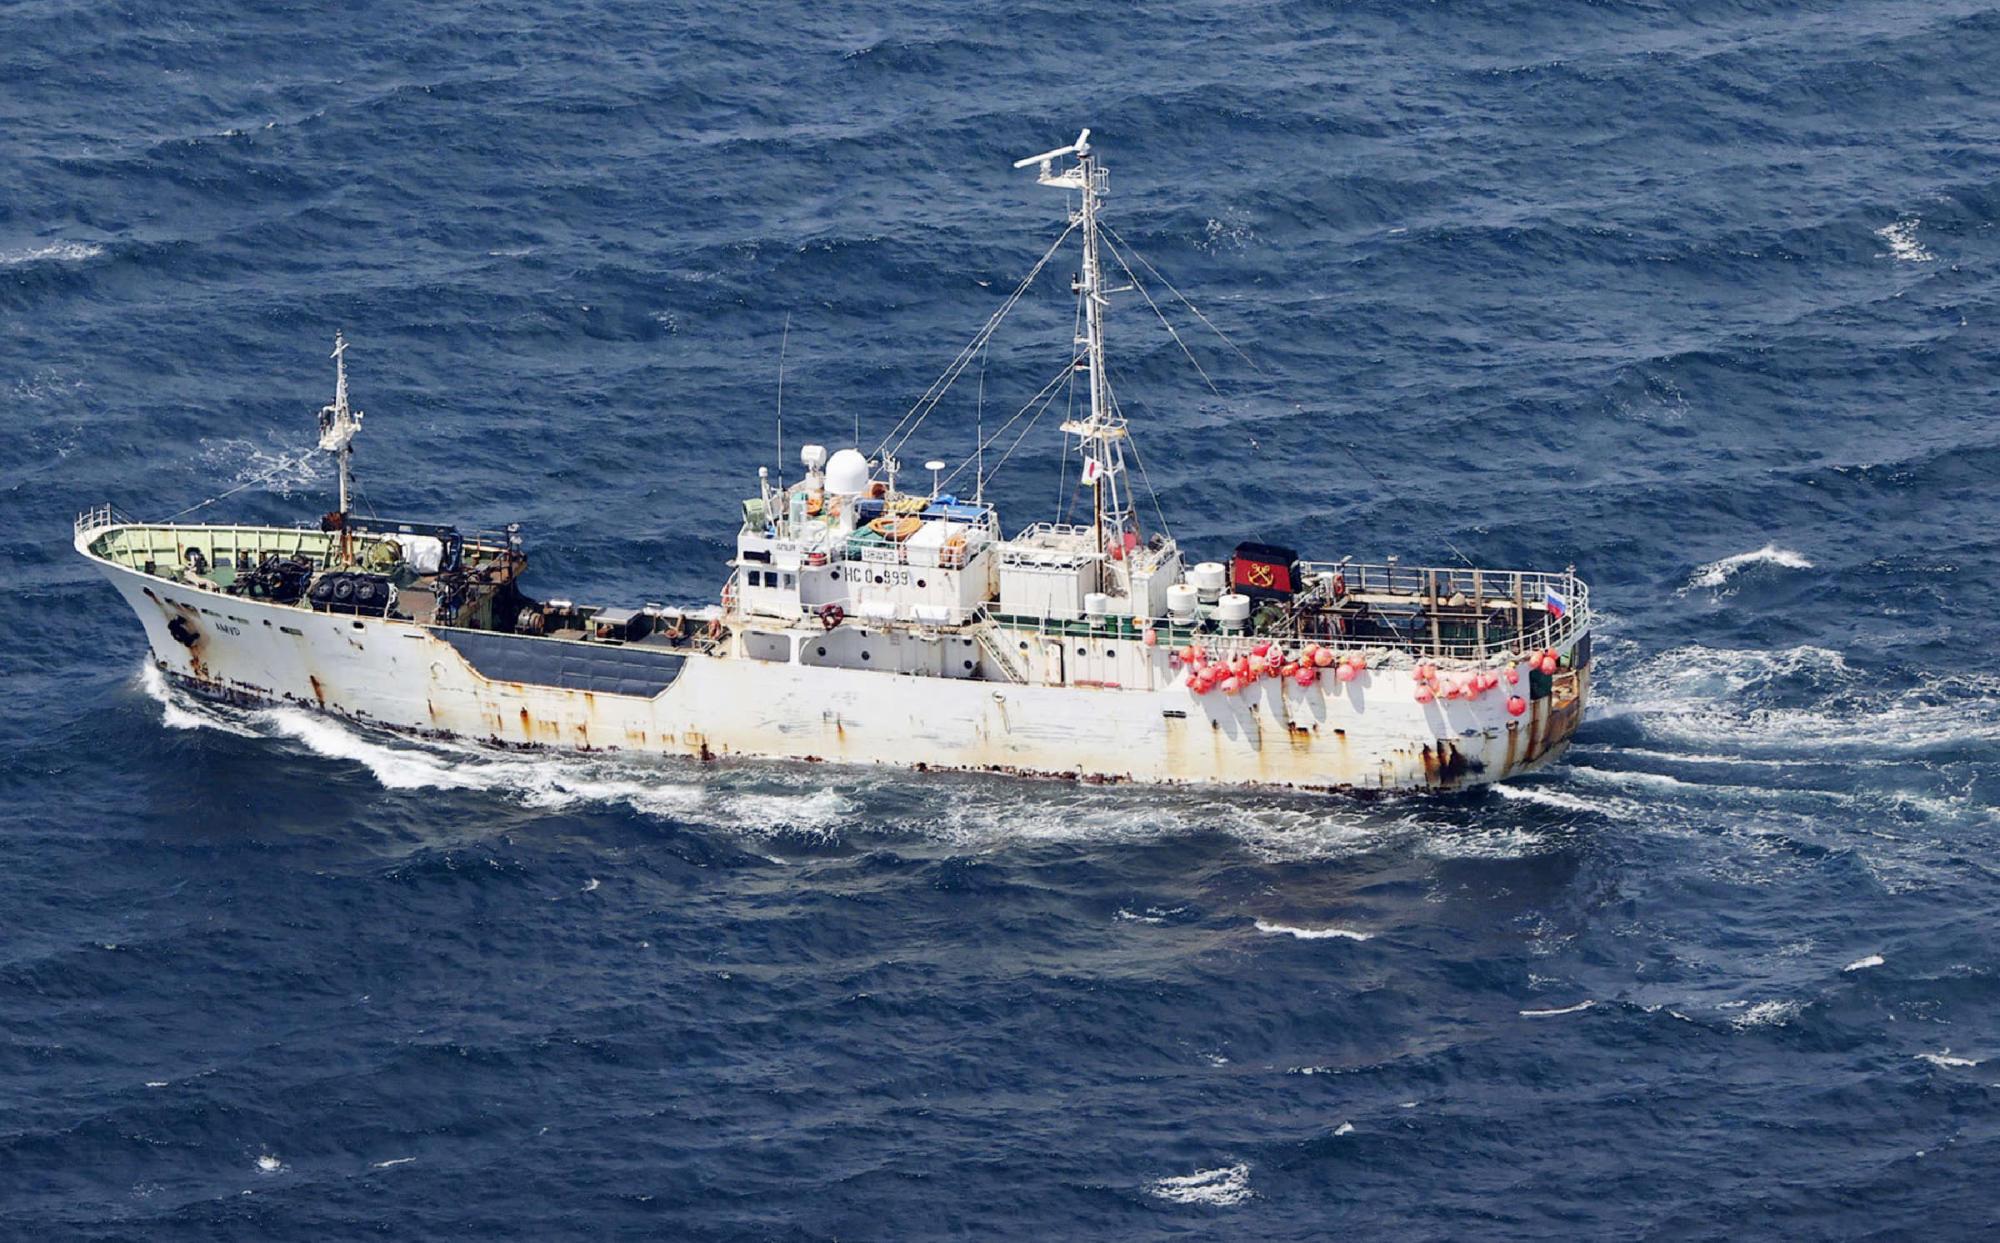 3 человека погибли после столкновения японского корабля с российским сухогрузом